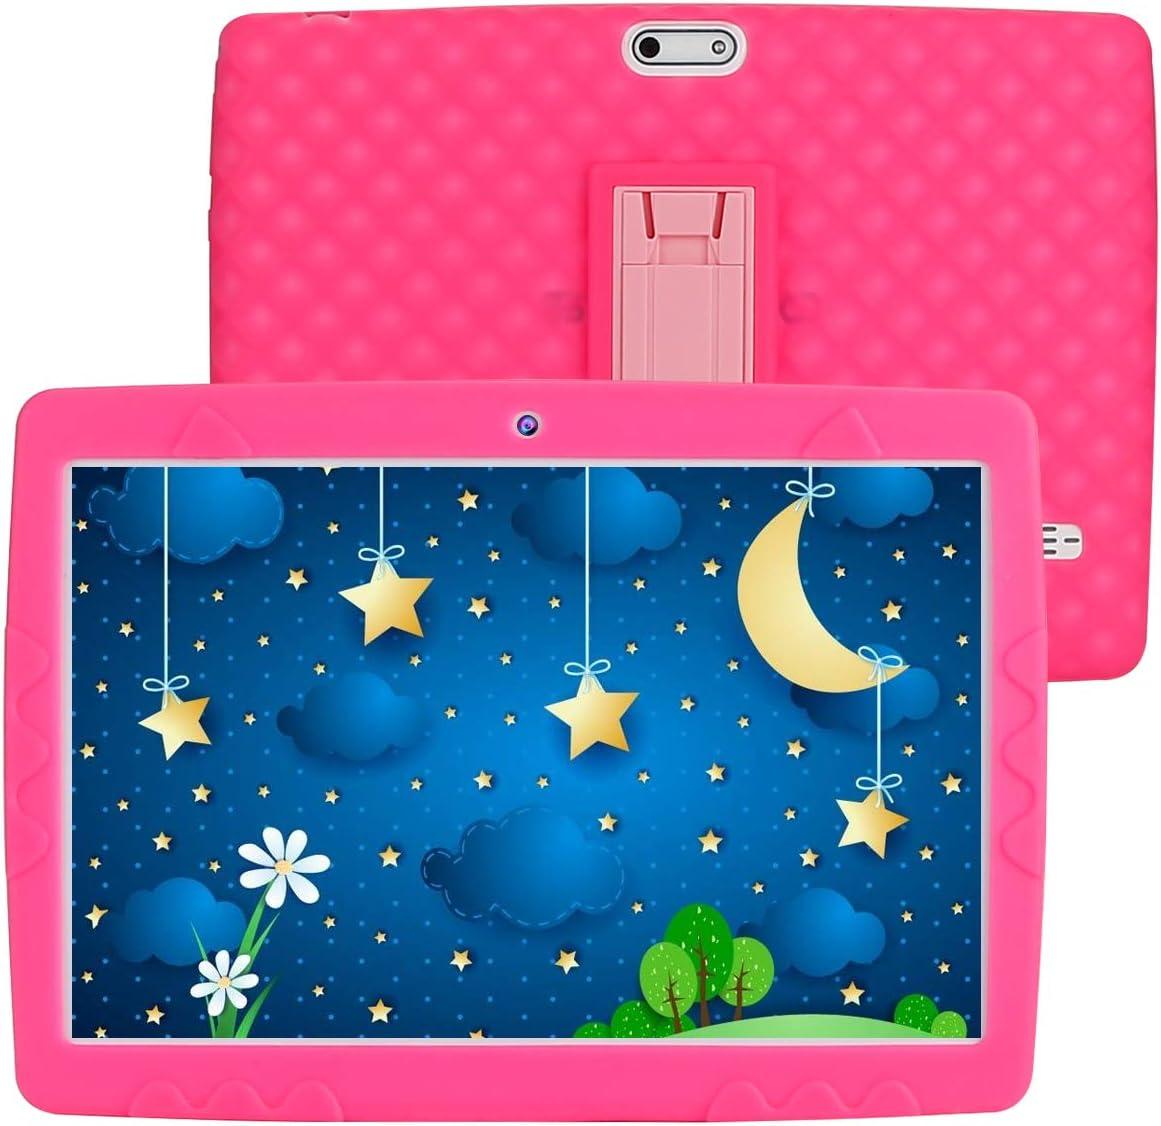 SANNUO Tablet per Bambini 10 Pollici,3 GB+ 32 GB,Android 10.0,Controllo Parentale,Quad-Core,Doble Cámara,3G & WiFi,App per Bambini Preinstallate